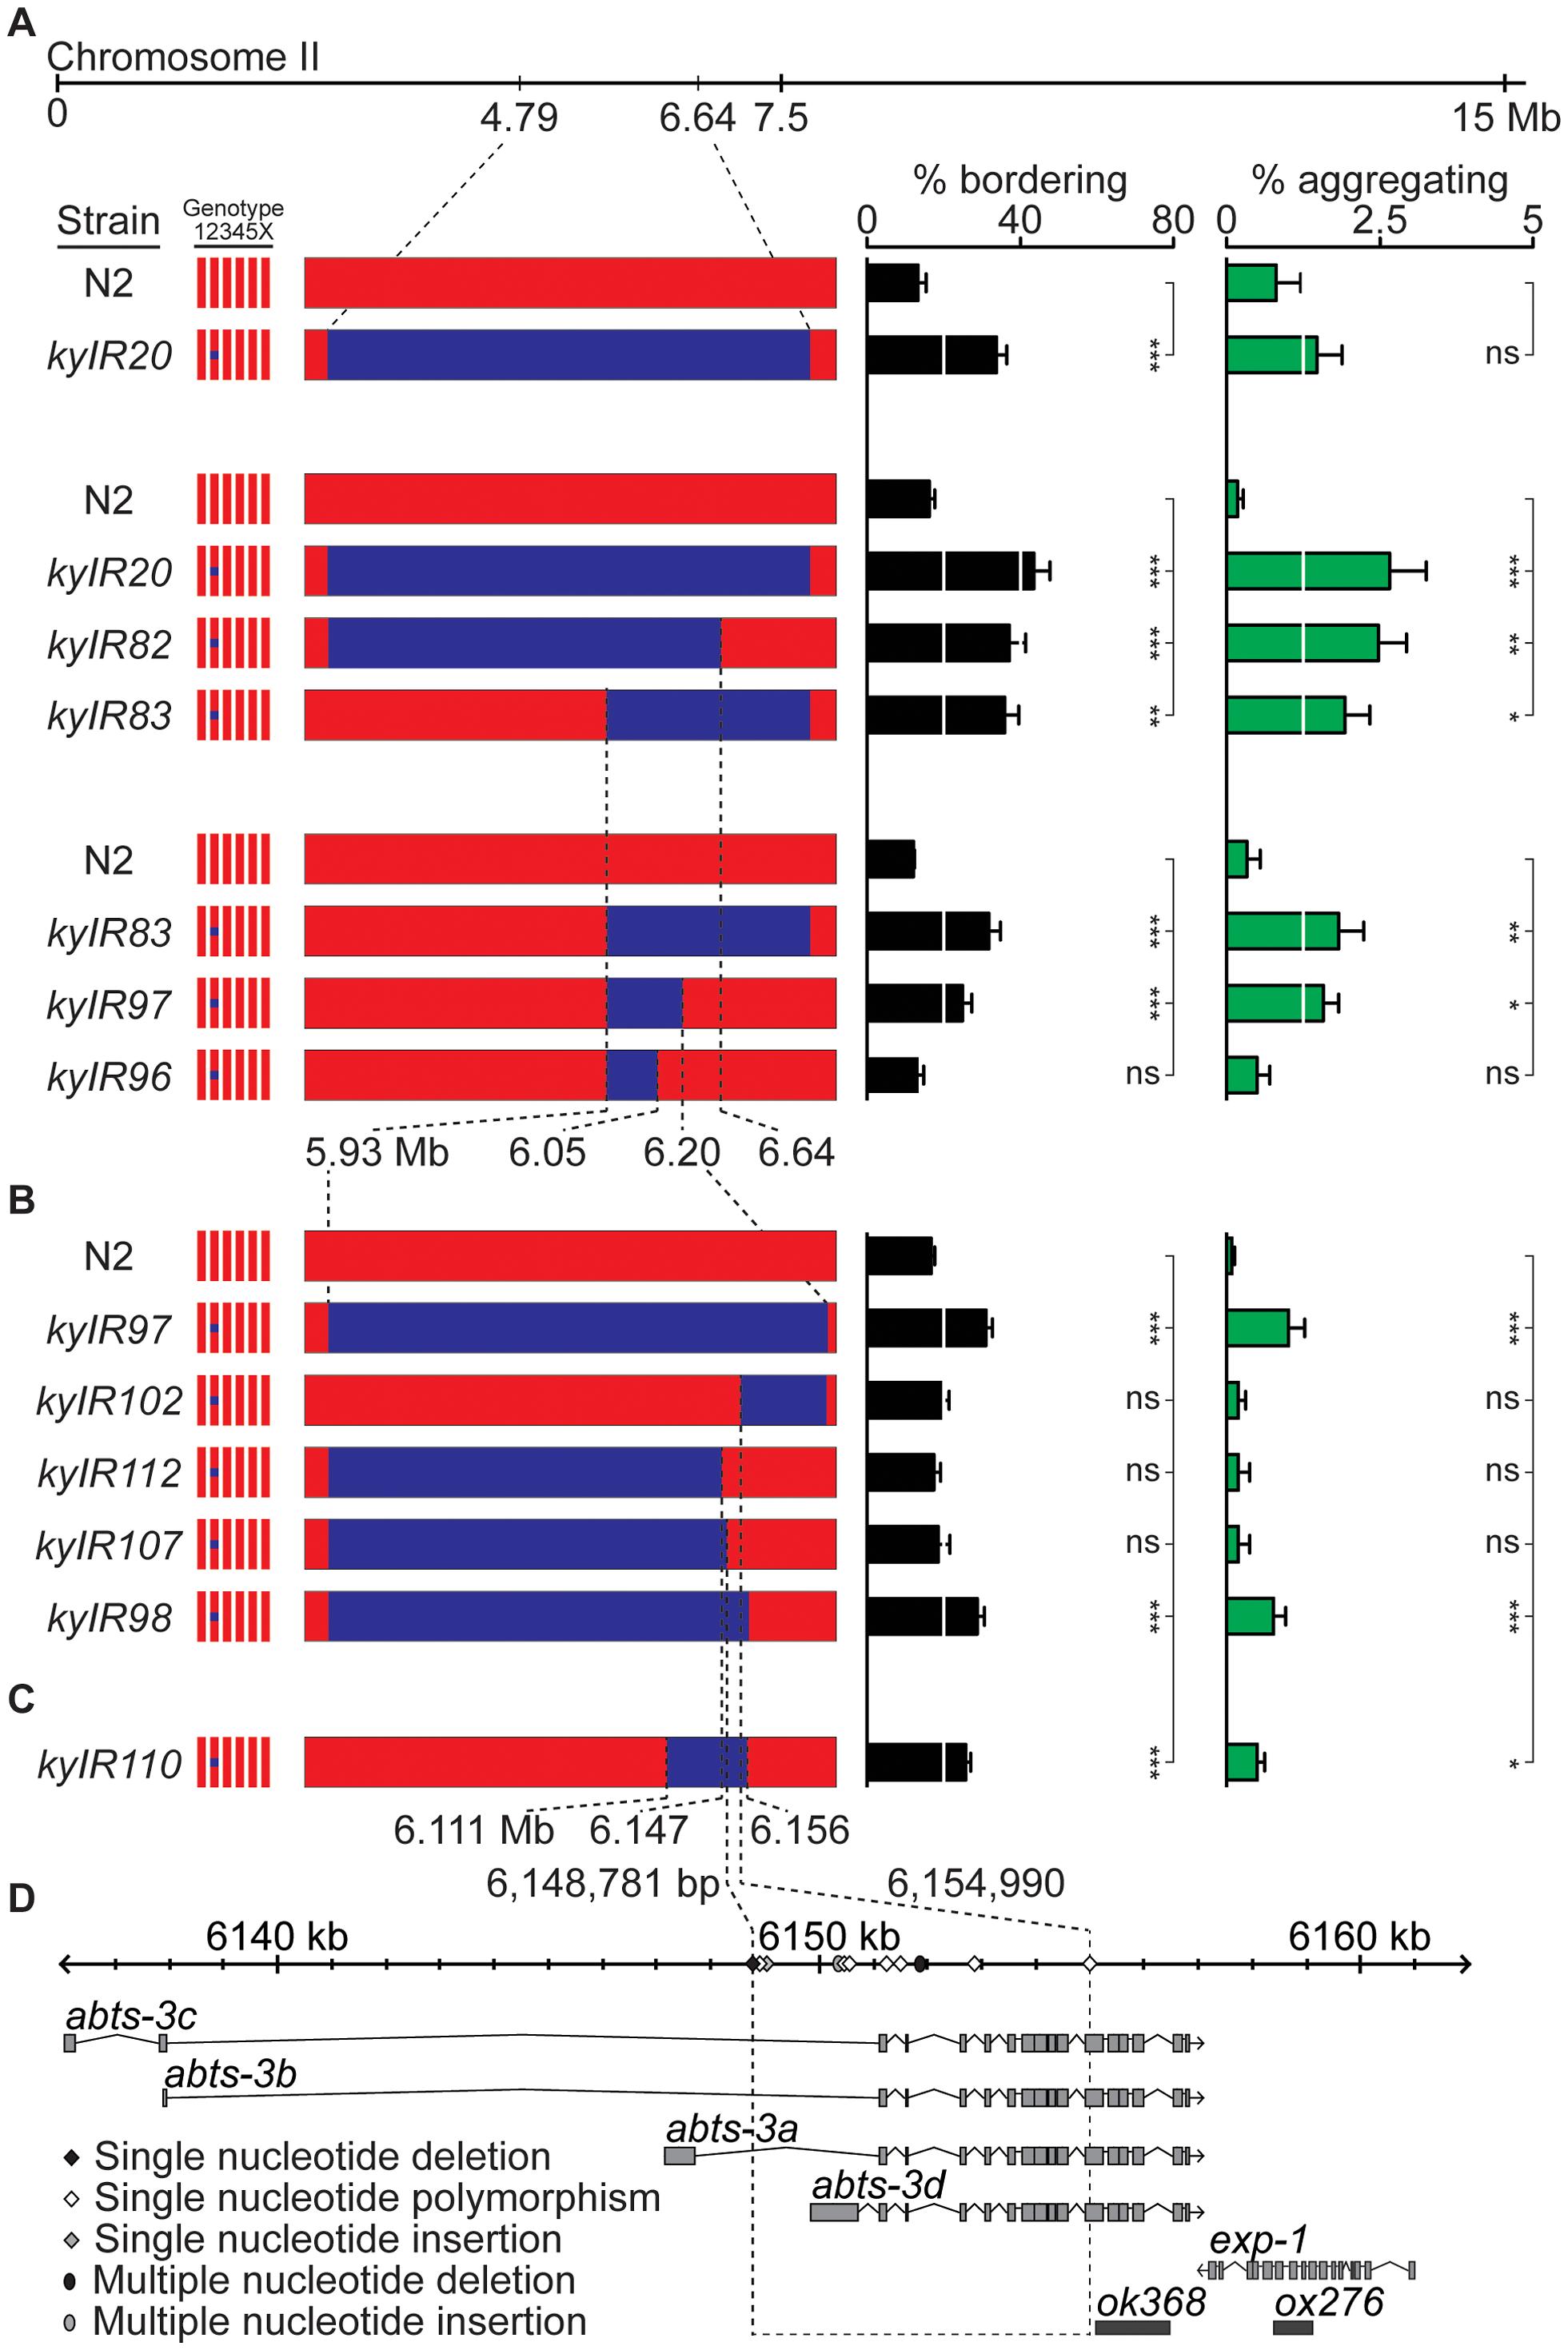 A social behavior II-QTL maps to a 6.2 kb region.